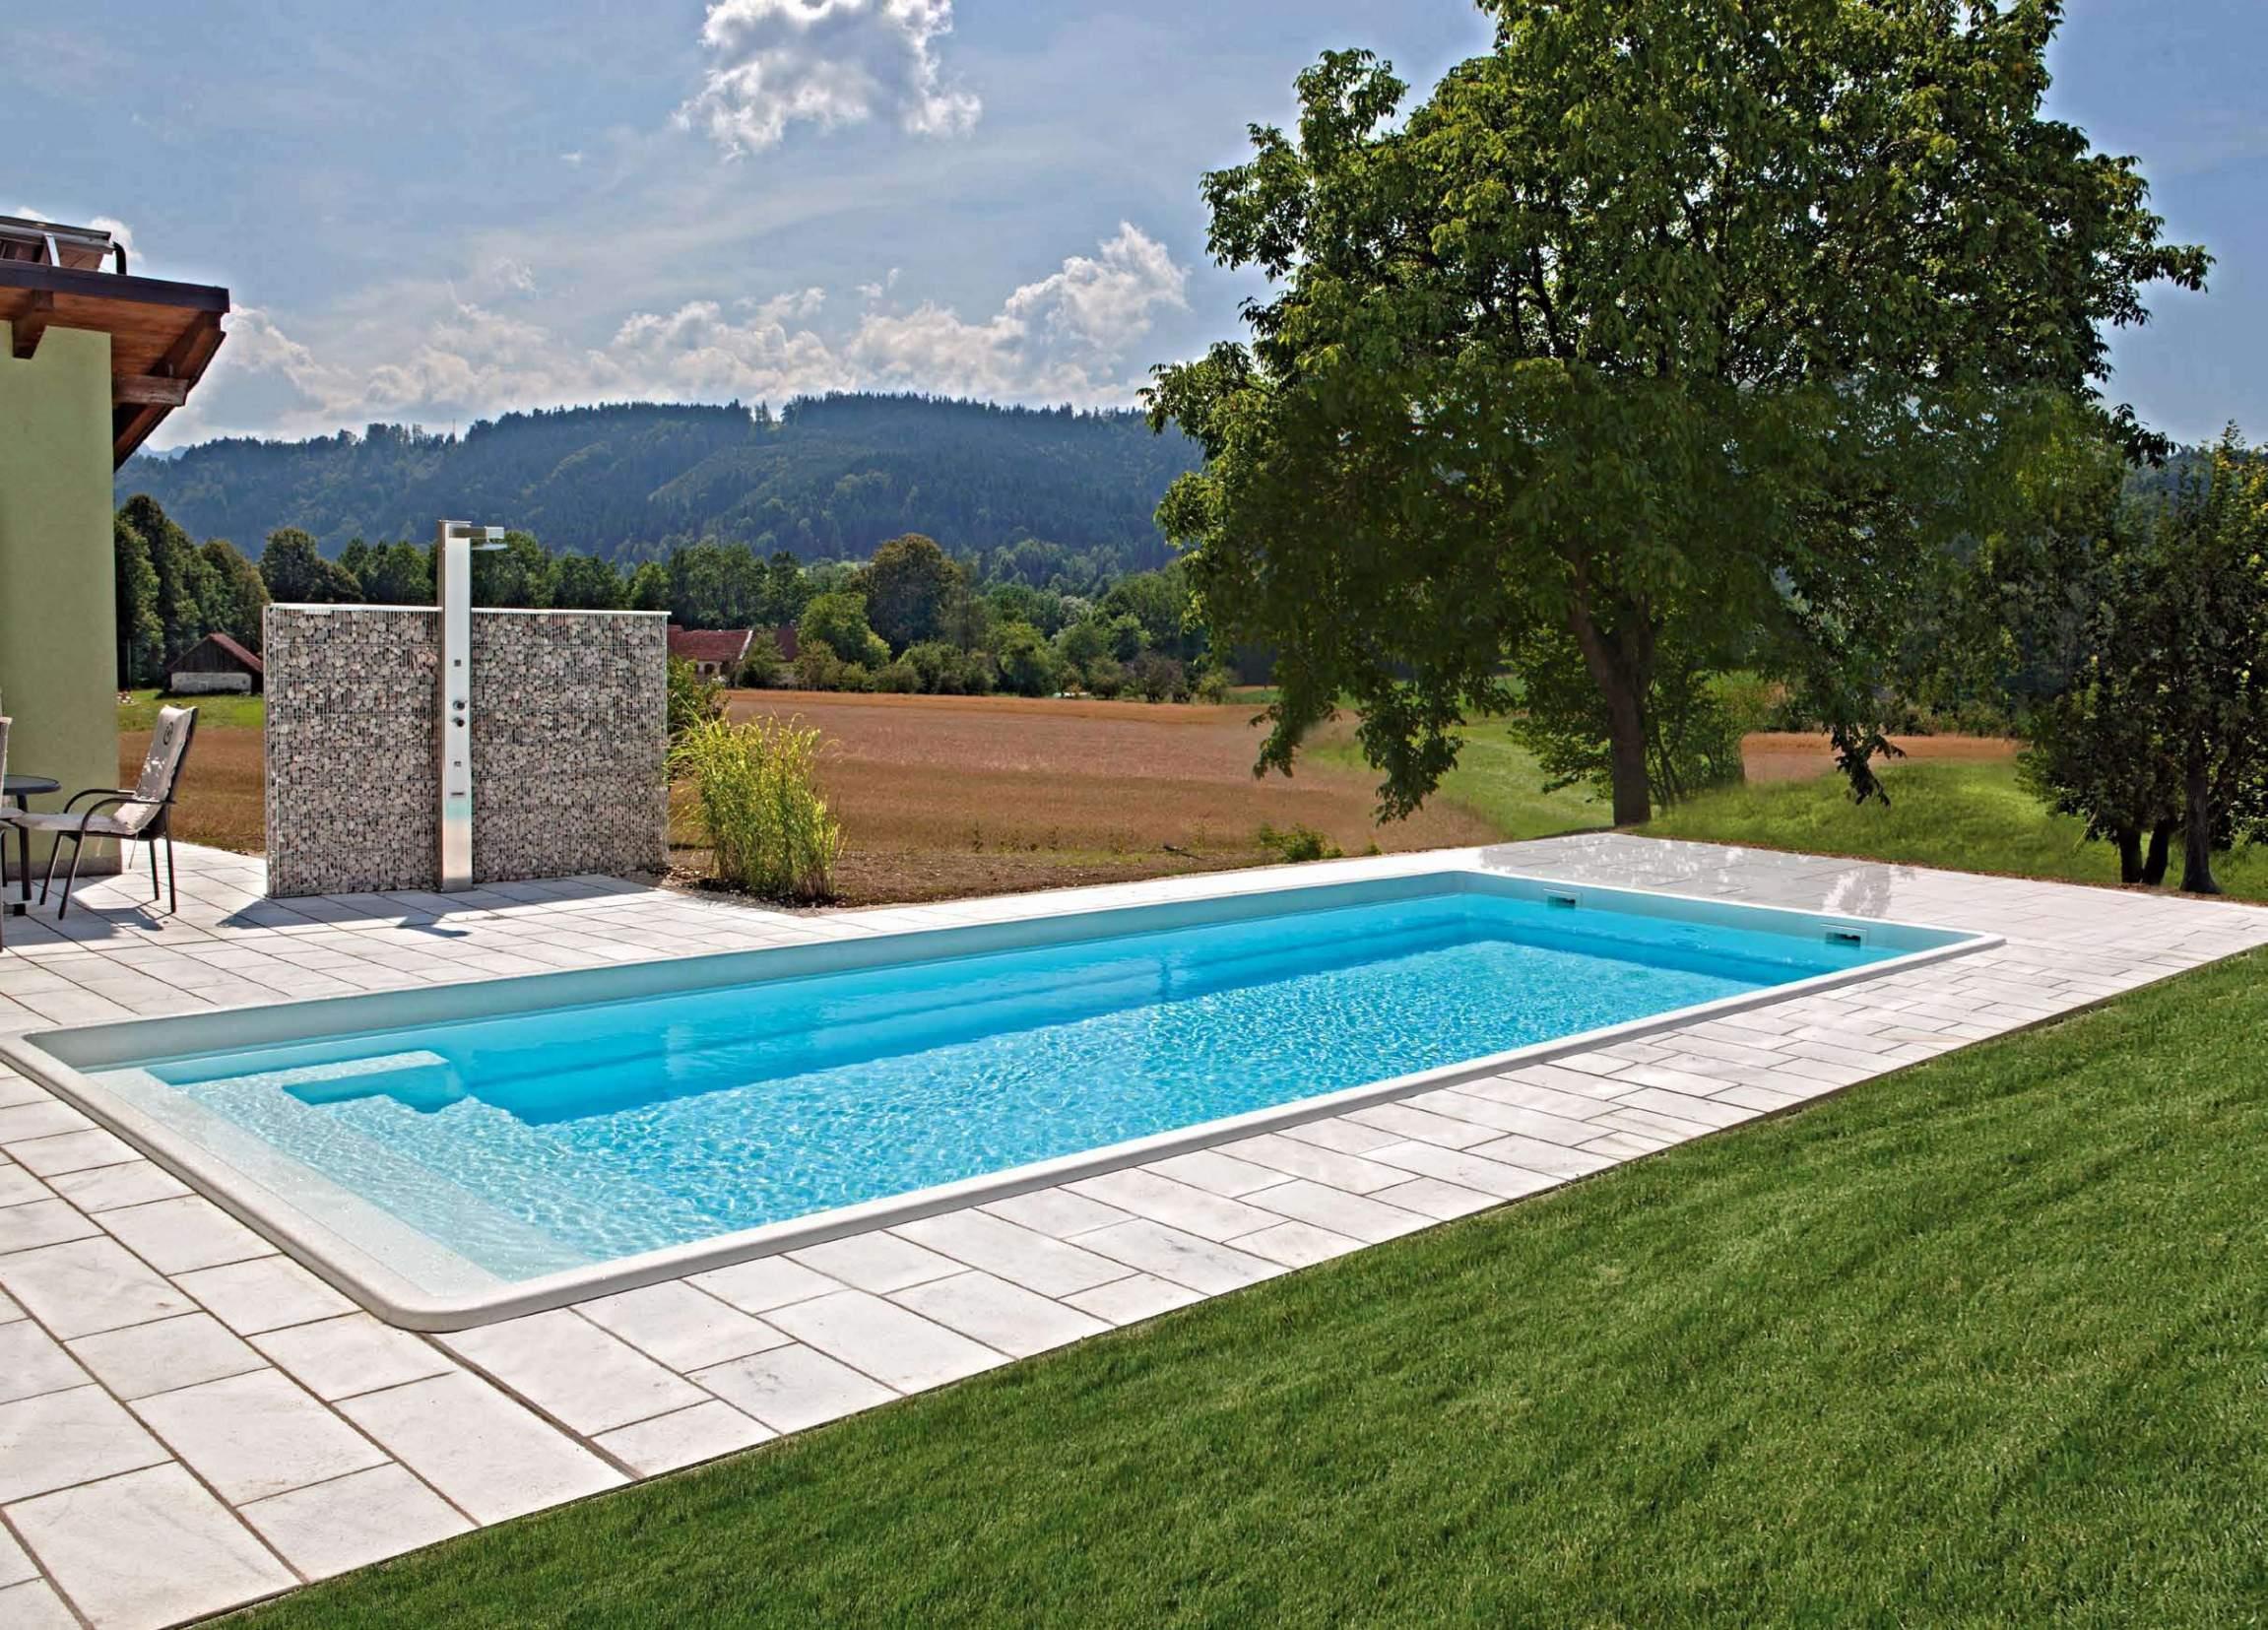 swimmingpool garten das beste von swimming pool lounge best garten swimming pool leipzig swimming pool leipzig